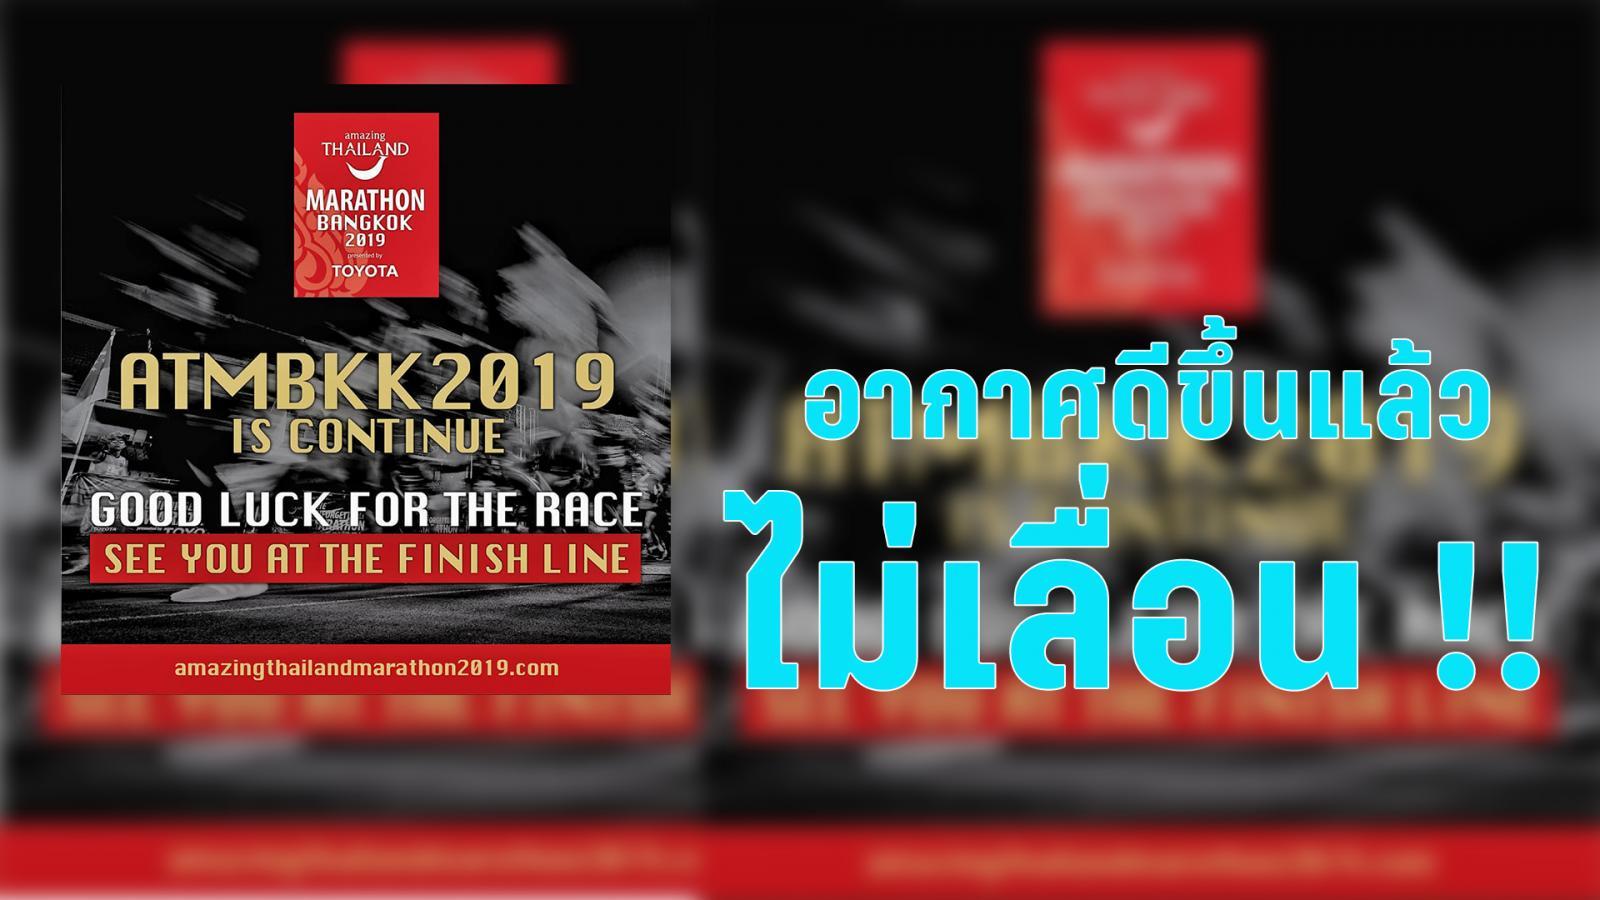 งานวิ่ง Amazing Thailand Marathon เดินหน้าจัด อ้างอากาศดีขึ้น